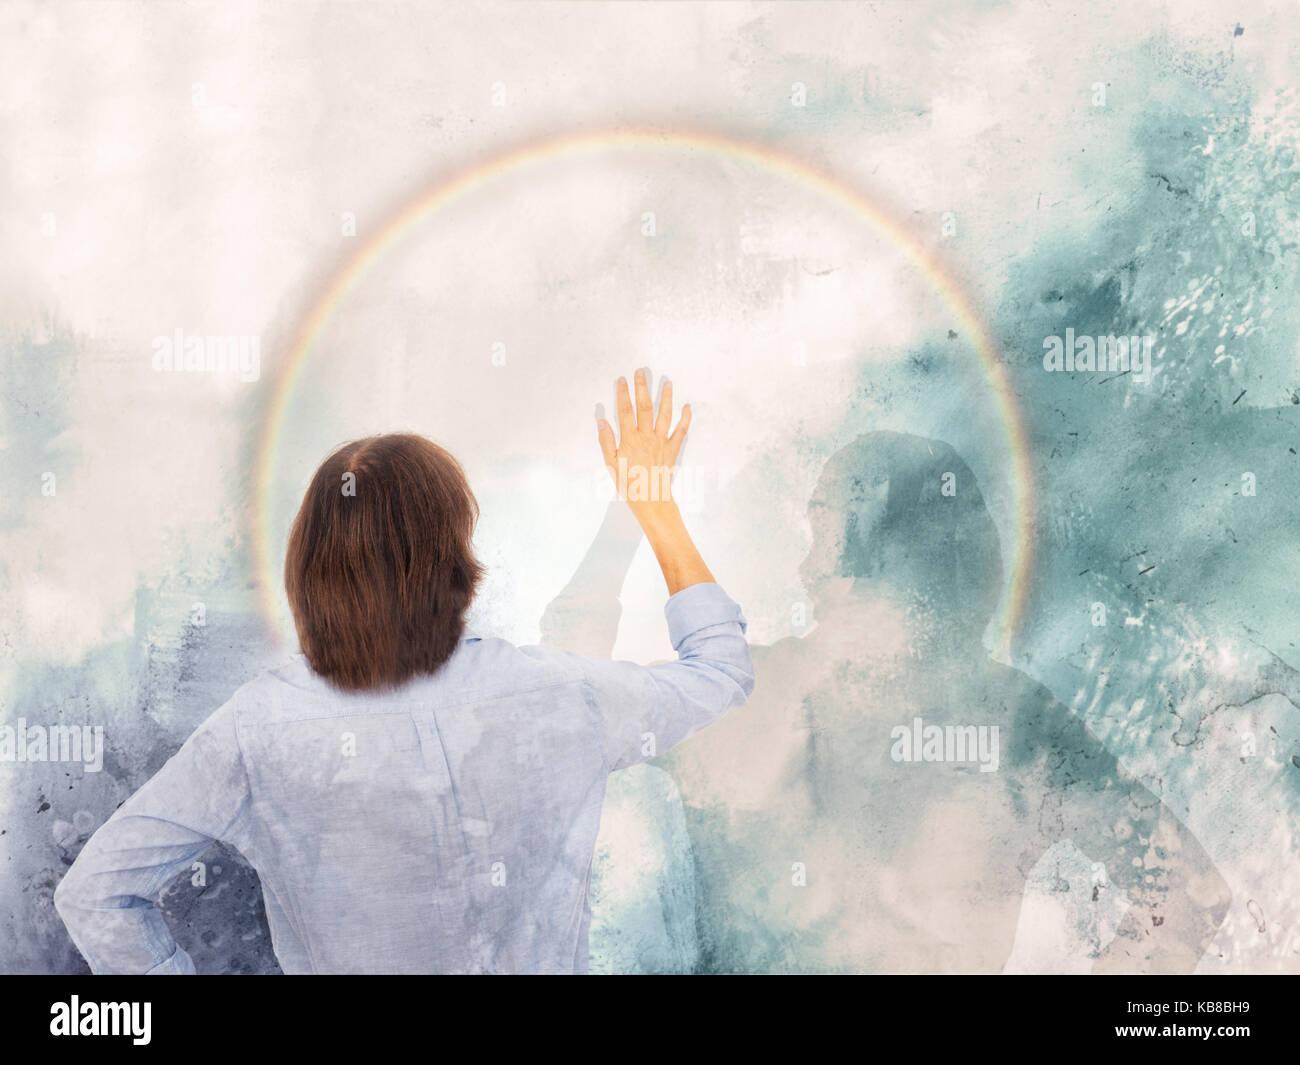 Satisfaction personnelle,surmonter l'adversité. concept cinq haut avec l'ombre. Photo Stock